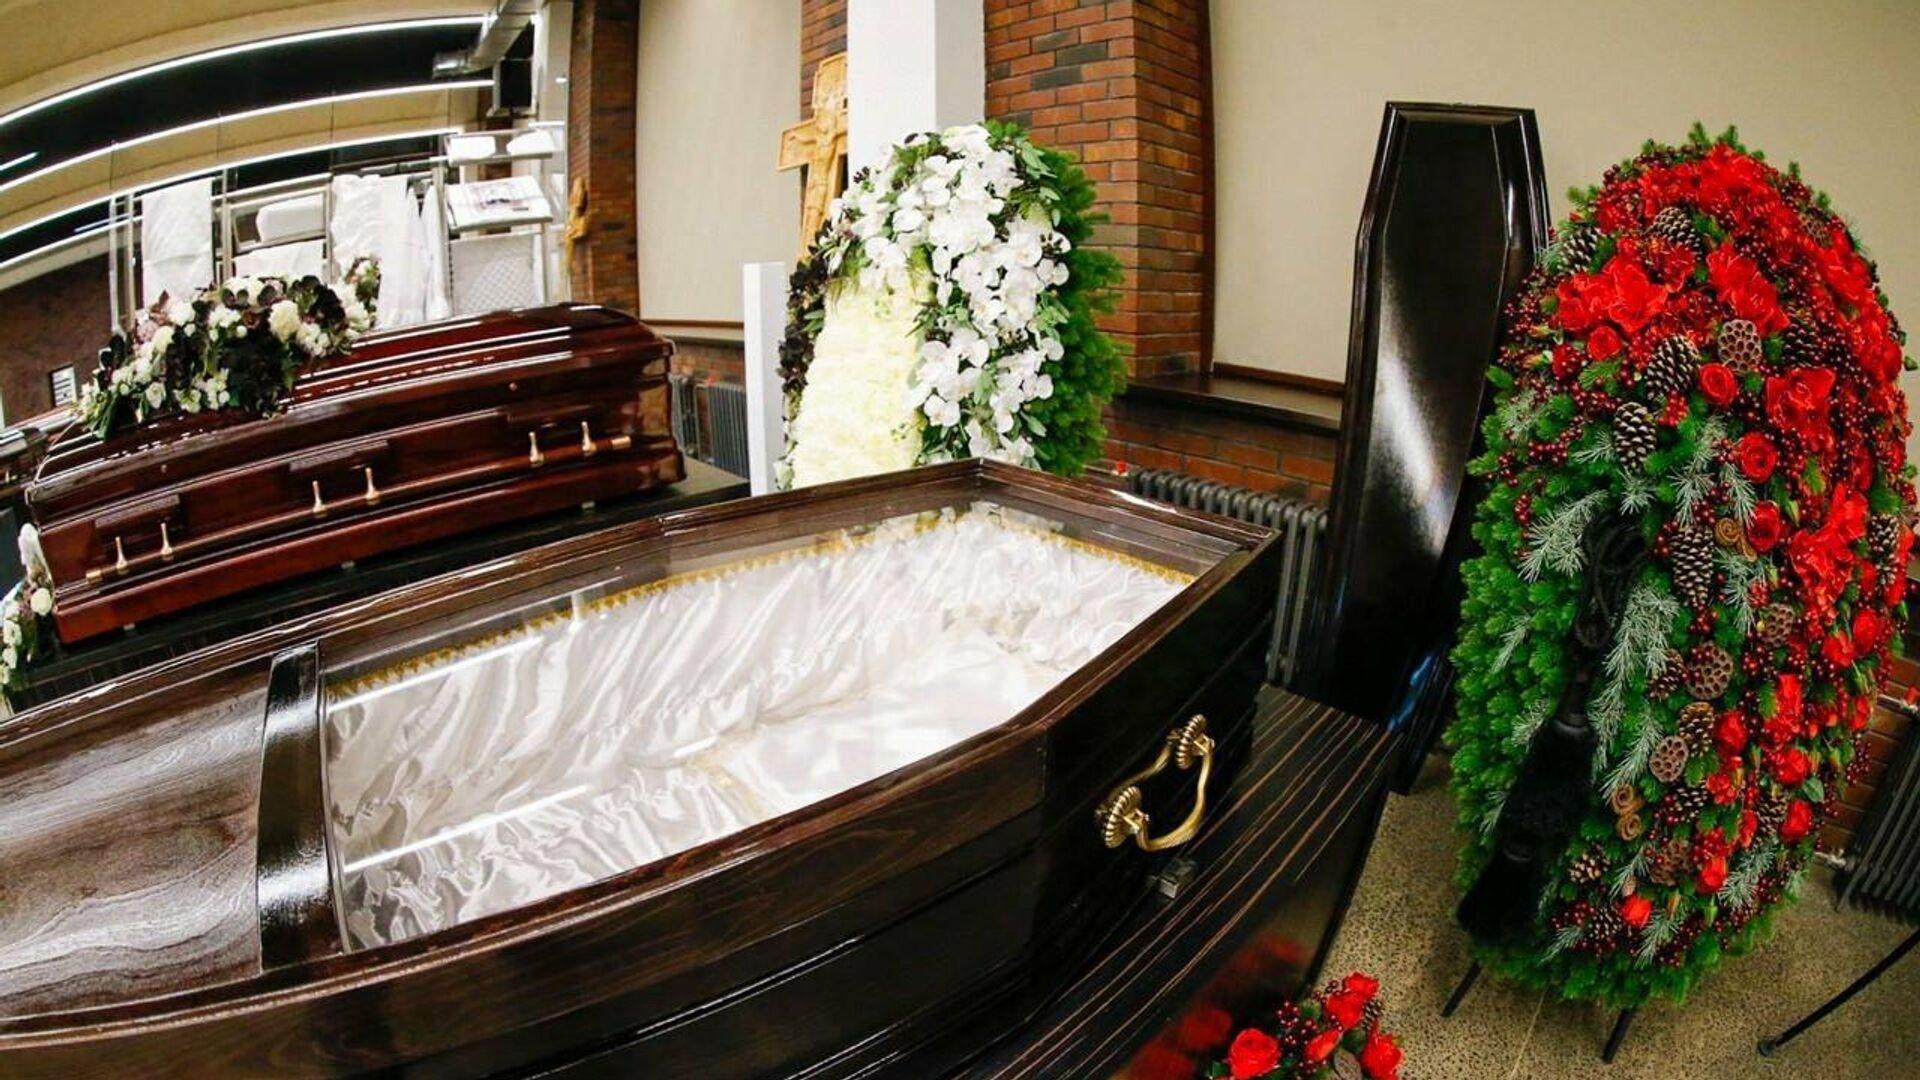 Гробы от ГБУ Ритуал со стеклянными крышками для умерших от коронавируса - РИА Новости, 1920, 11.11.2020